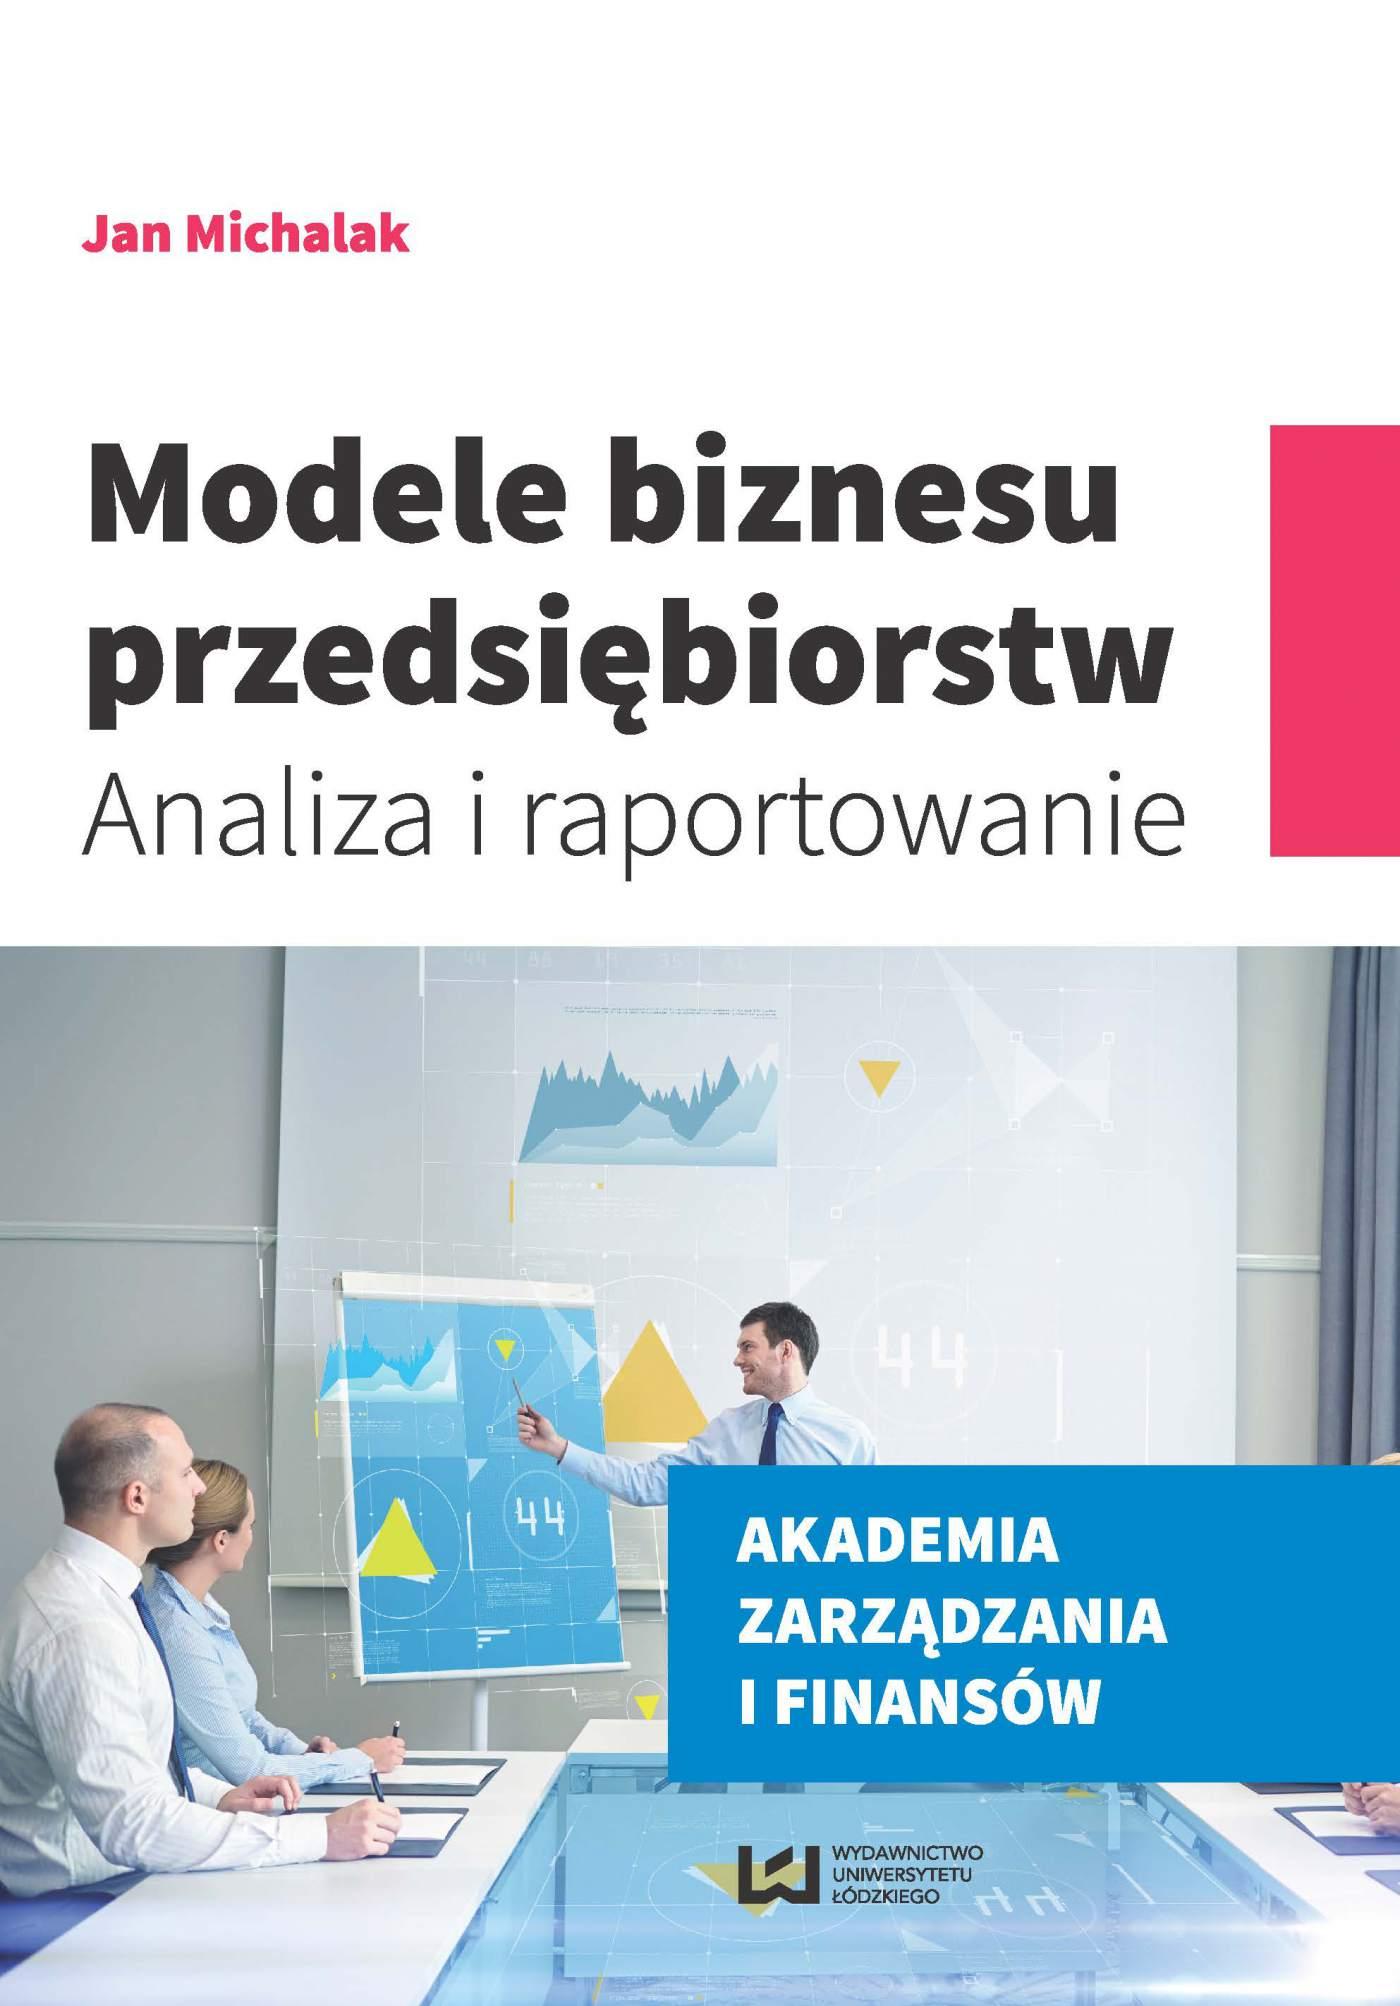 Modele biznesu przedsiębiorstw. Analiza i raportowanie - Ebook (Książka PDF) do pobrania w formacie PDF